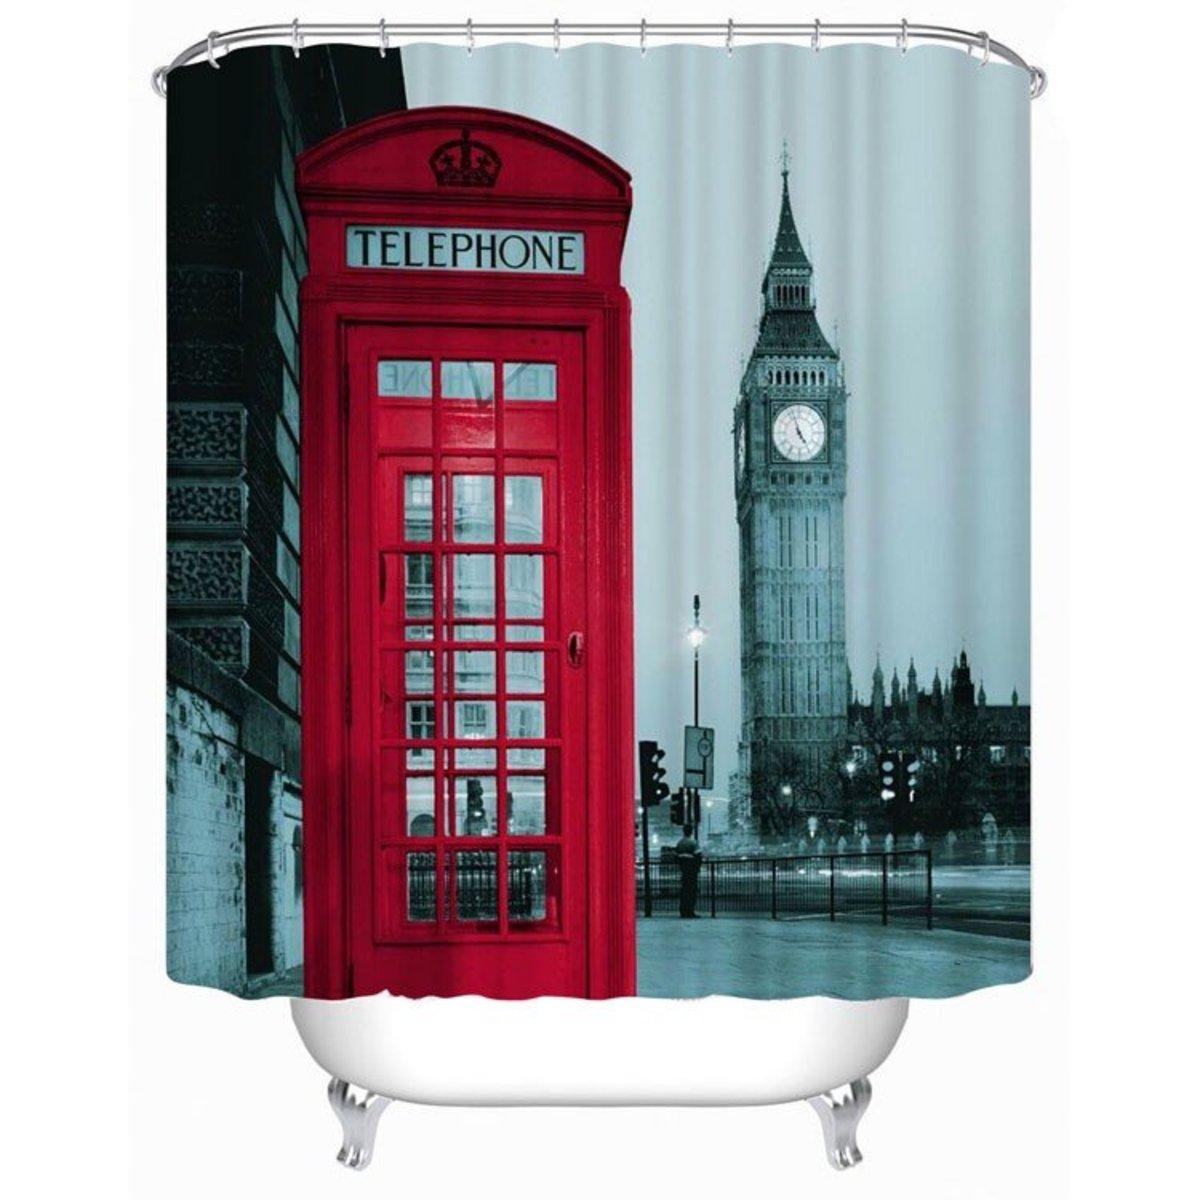 防水加厚印花浴簾, 倫敦電話亭大笨鐘